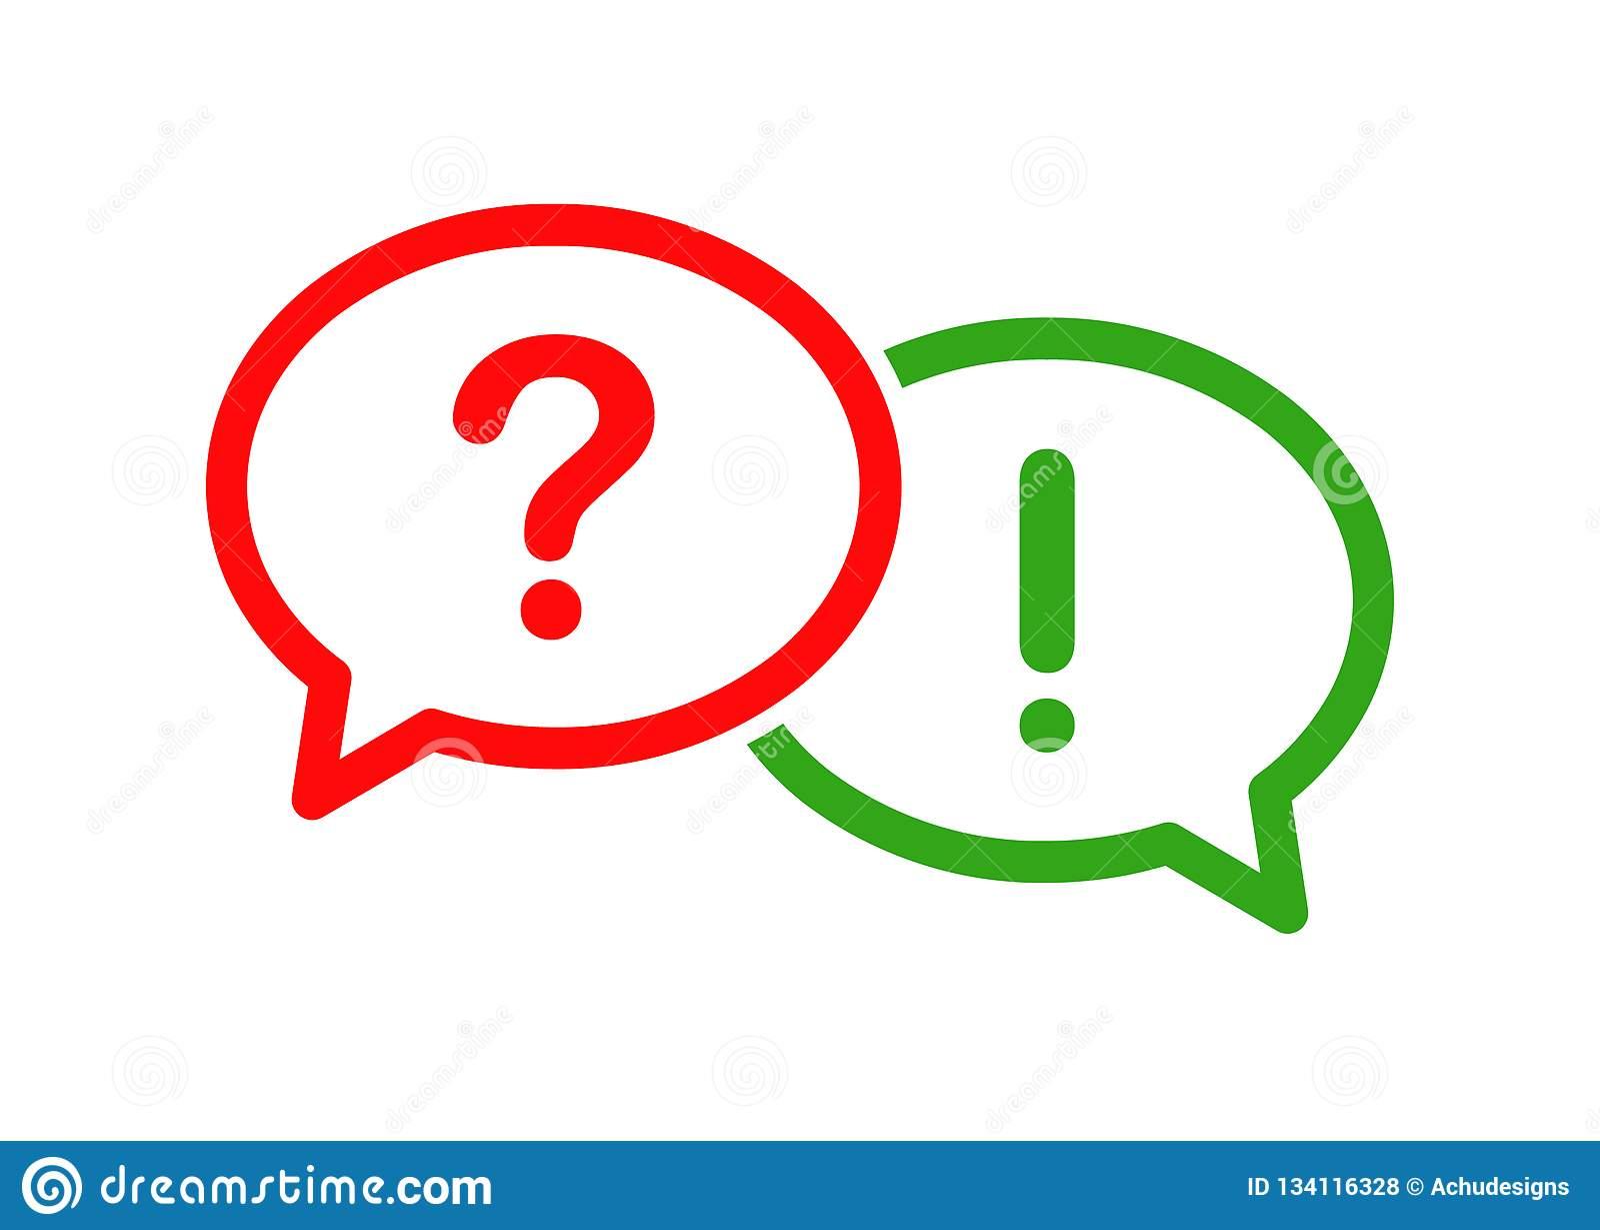 Ícone da bolha da pergunta e resposta